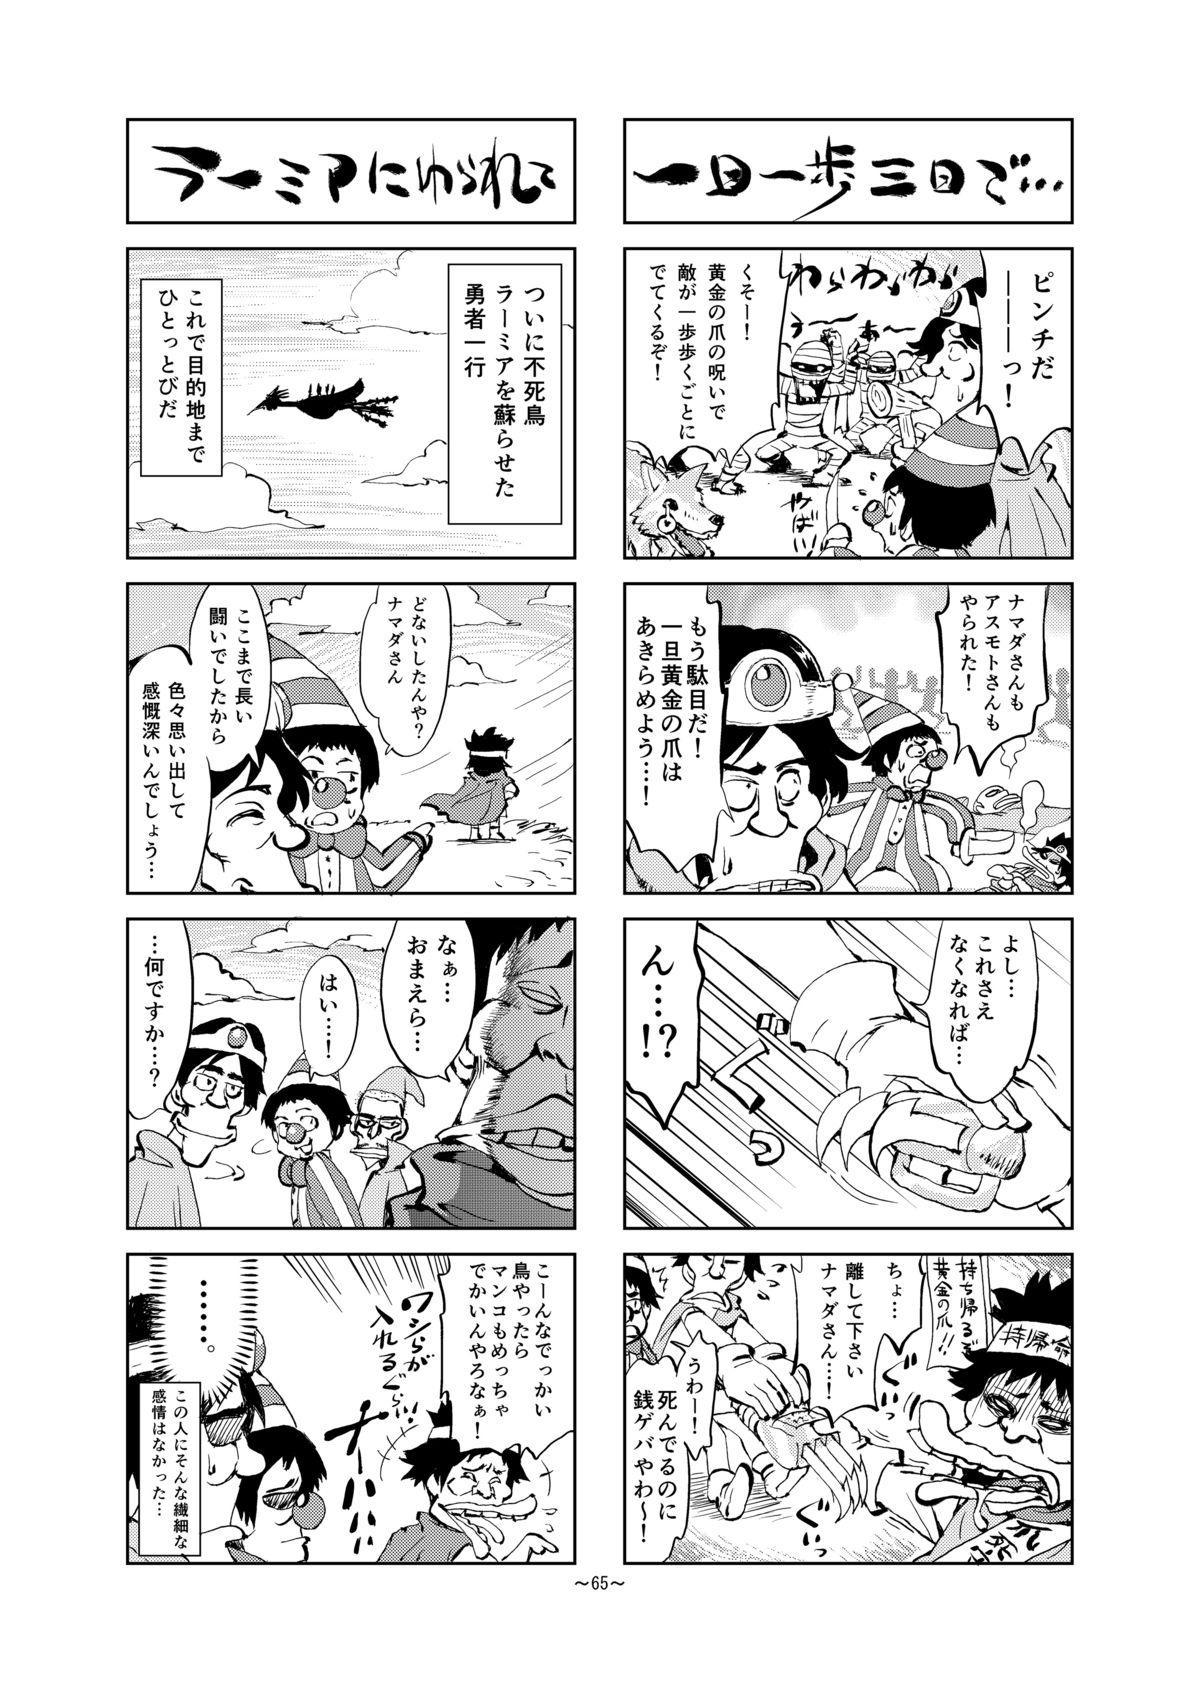 Zettai ni Zenmetsushite wa Ikenai DraQue 65